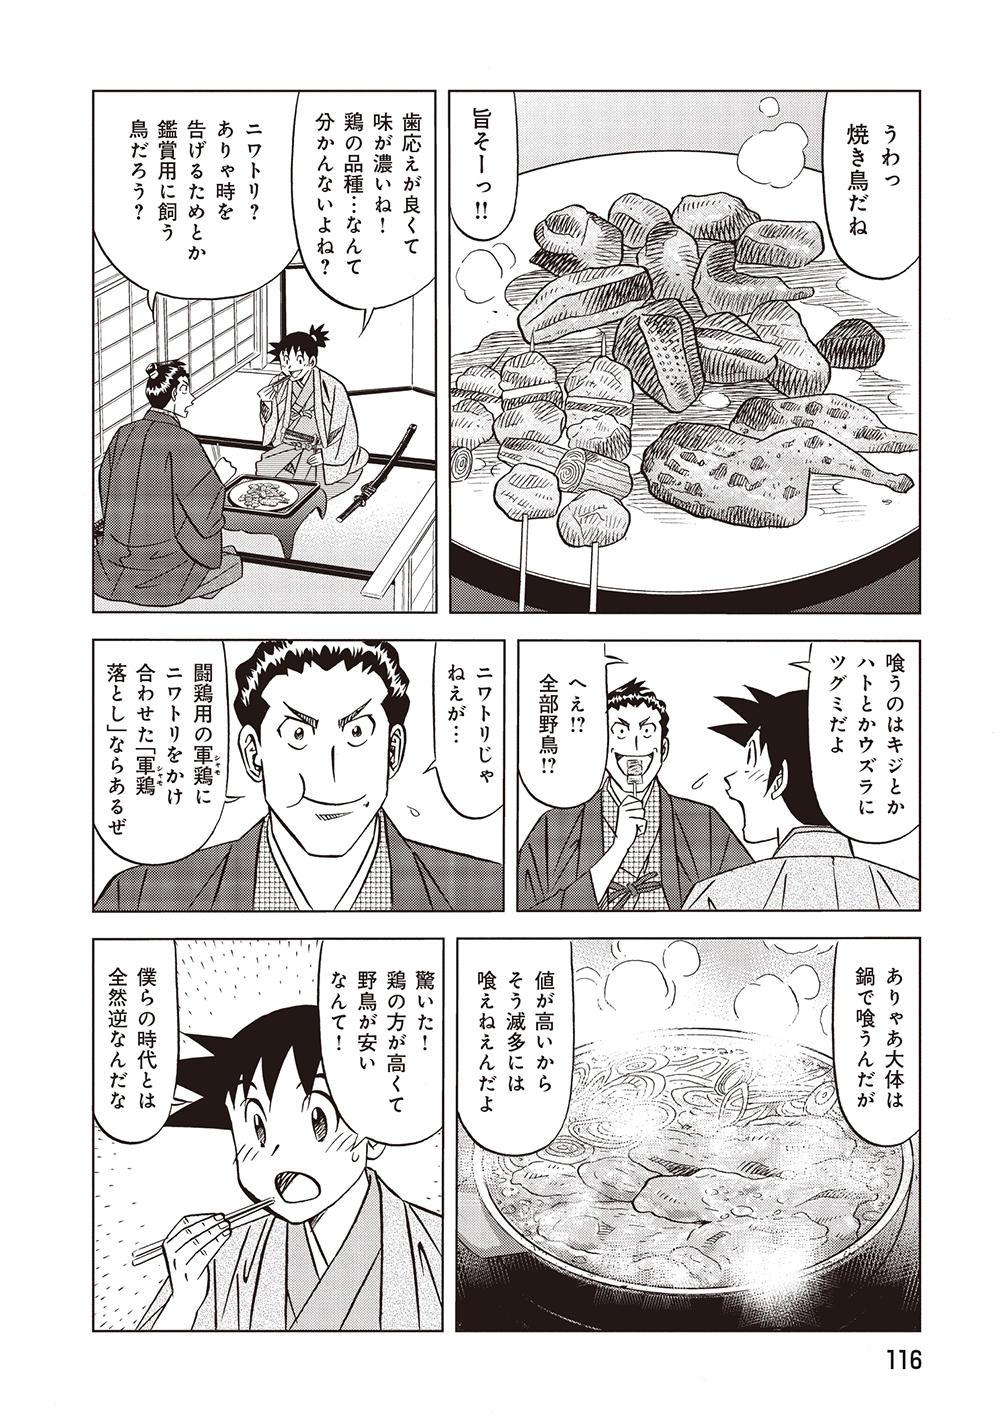 味っ子01_P116.jpg